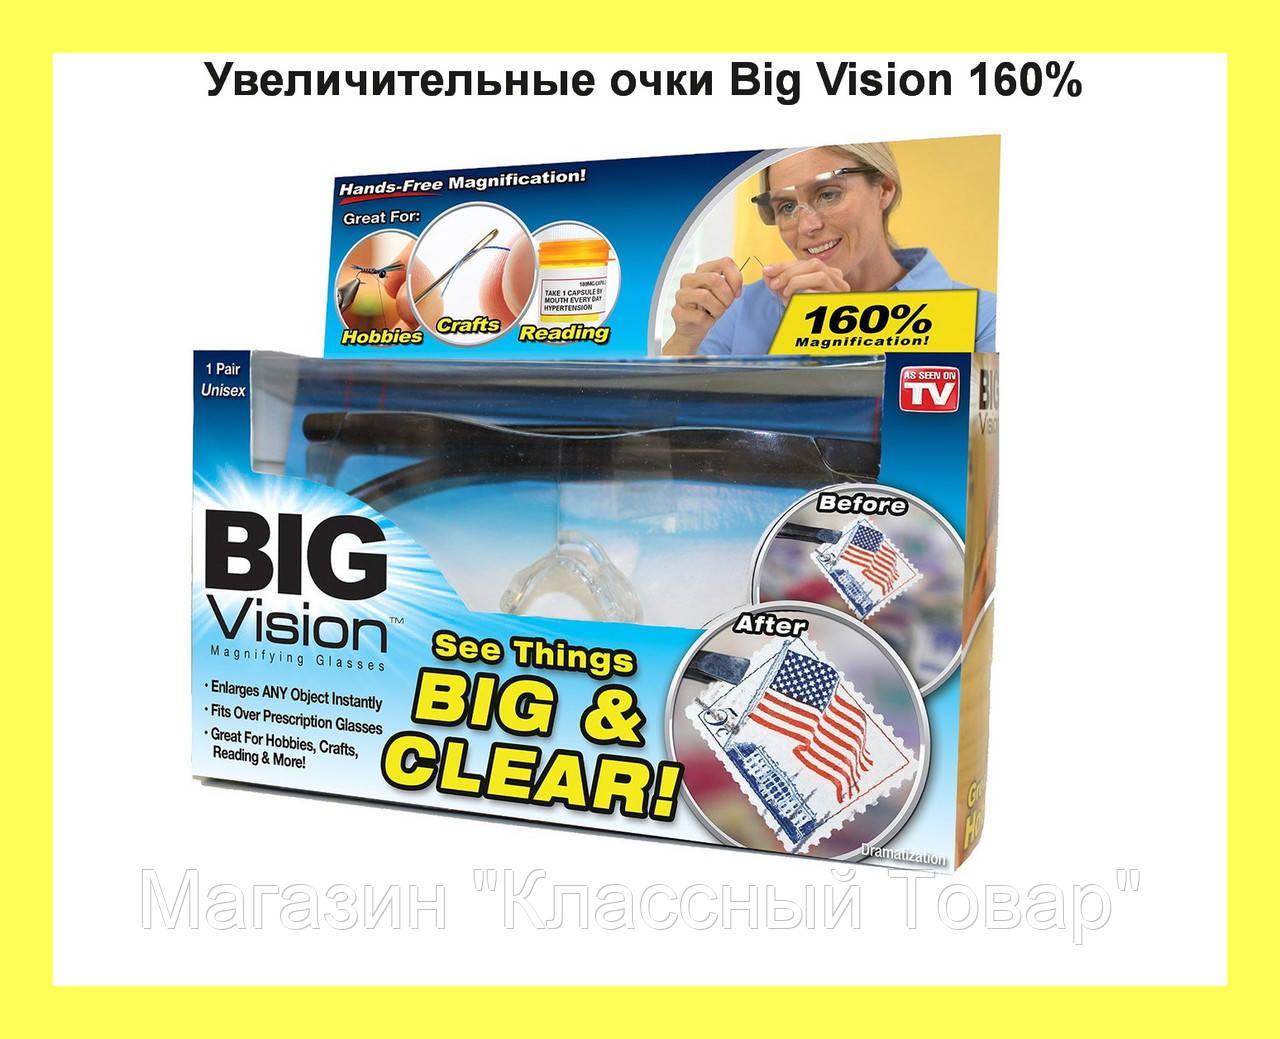 Увеличительные очки Big Vision 160%!Лучший подарок